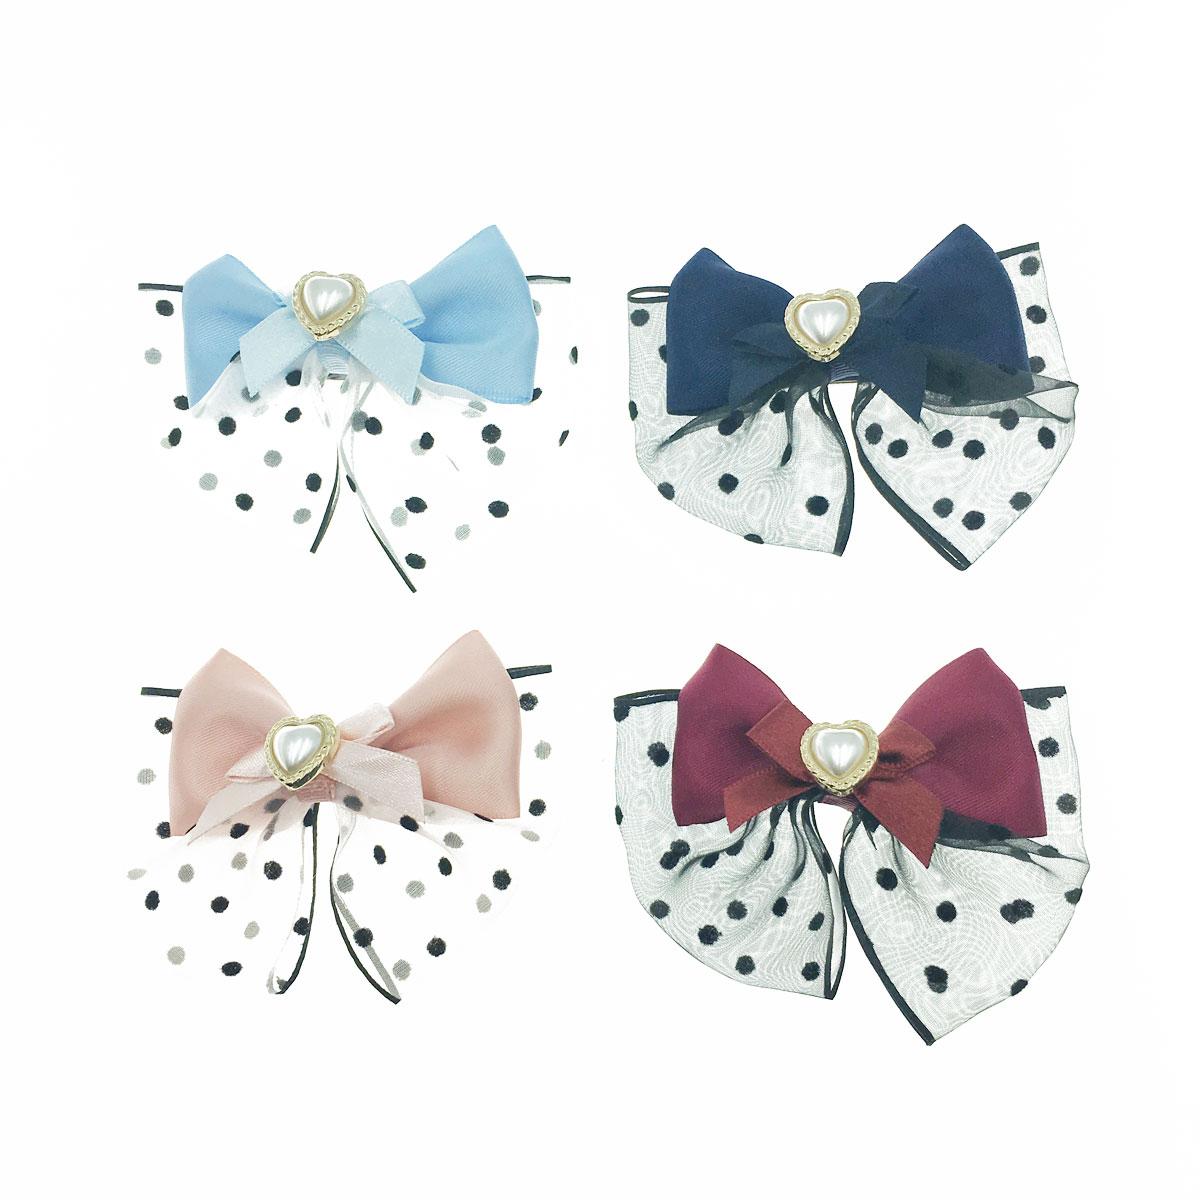 韓國 點點 珍珠 蝴蝶結 愛心 四色 壓夾 髮夾 髮飾